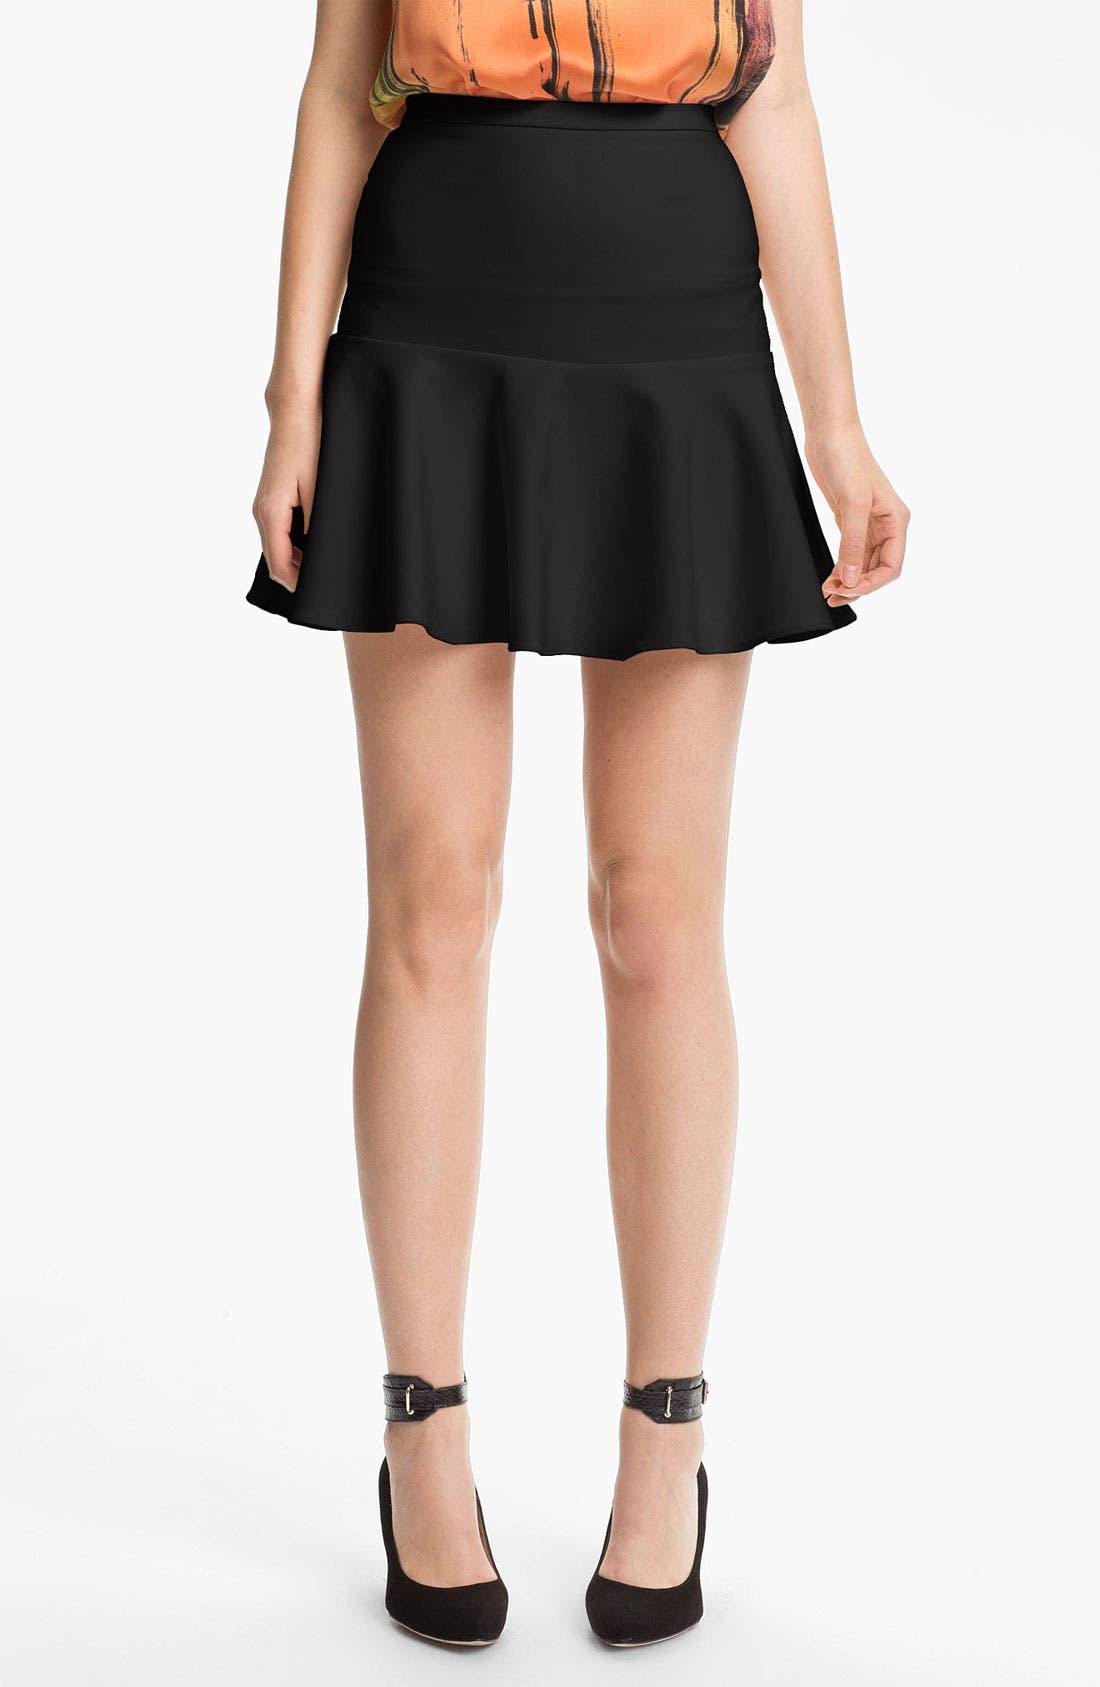 Alternate Image 1 Selected - Elizabeth and James 'Amalia' Skirt